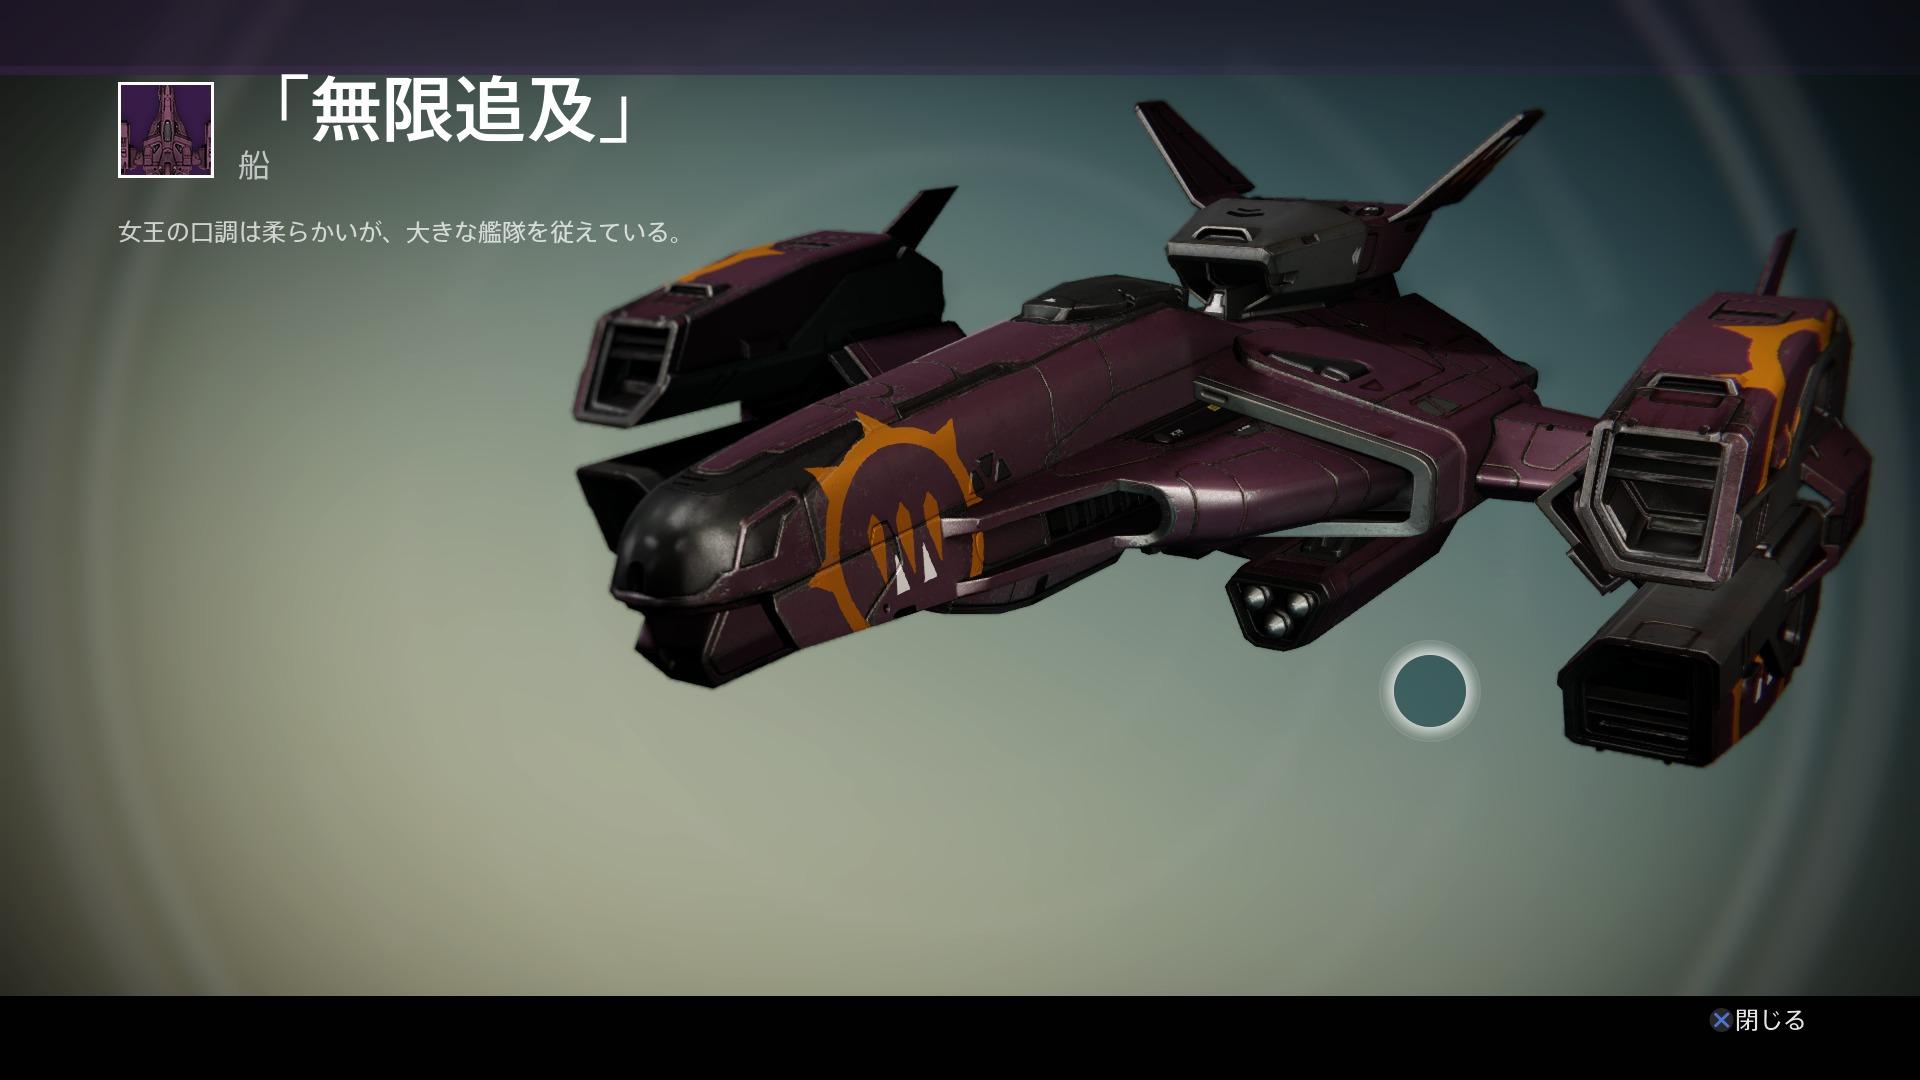 「無限追及」 - Destiny デスティニー まとめ/攻略 Wiki